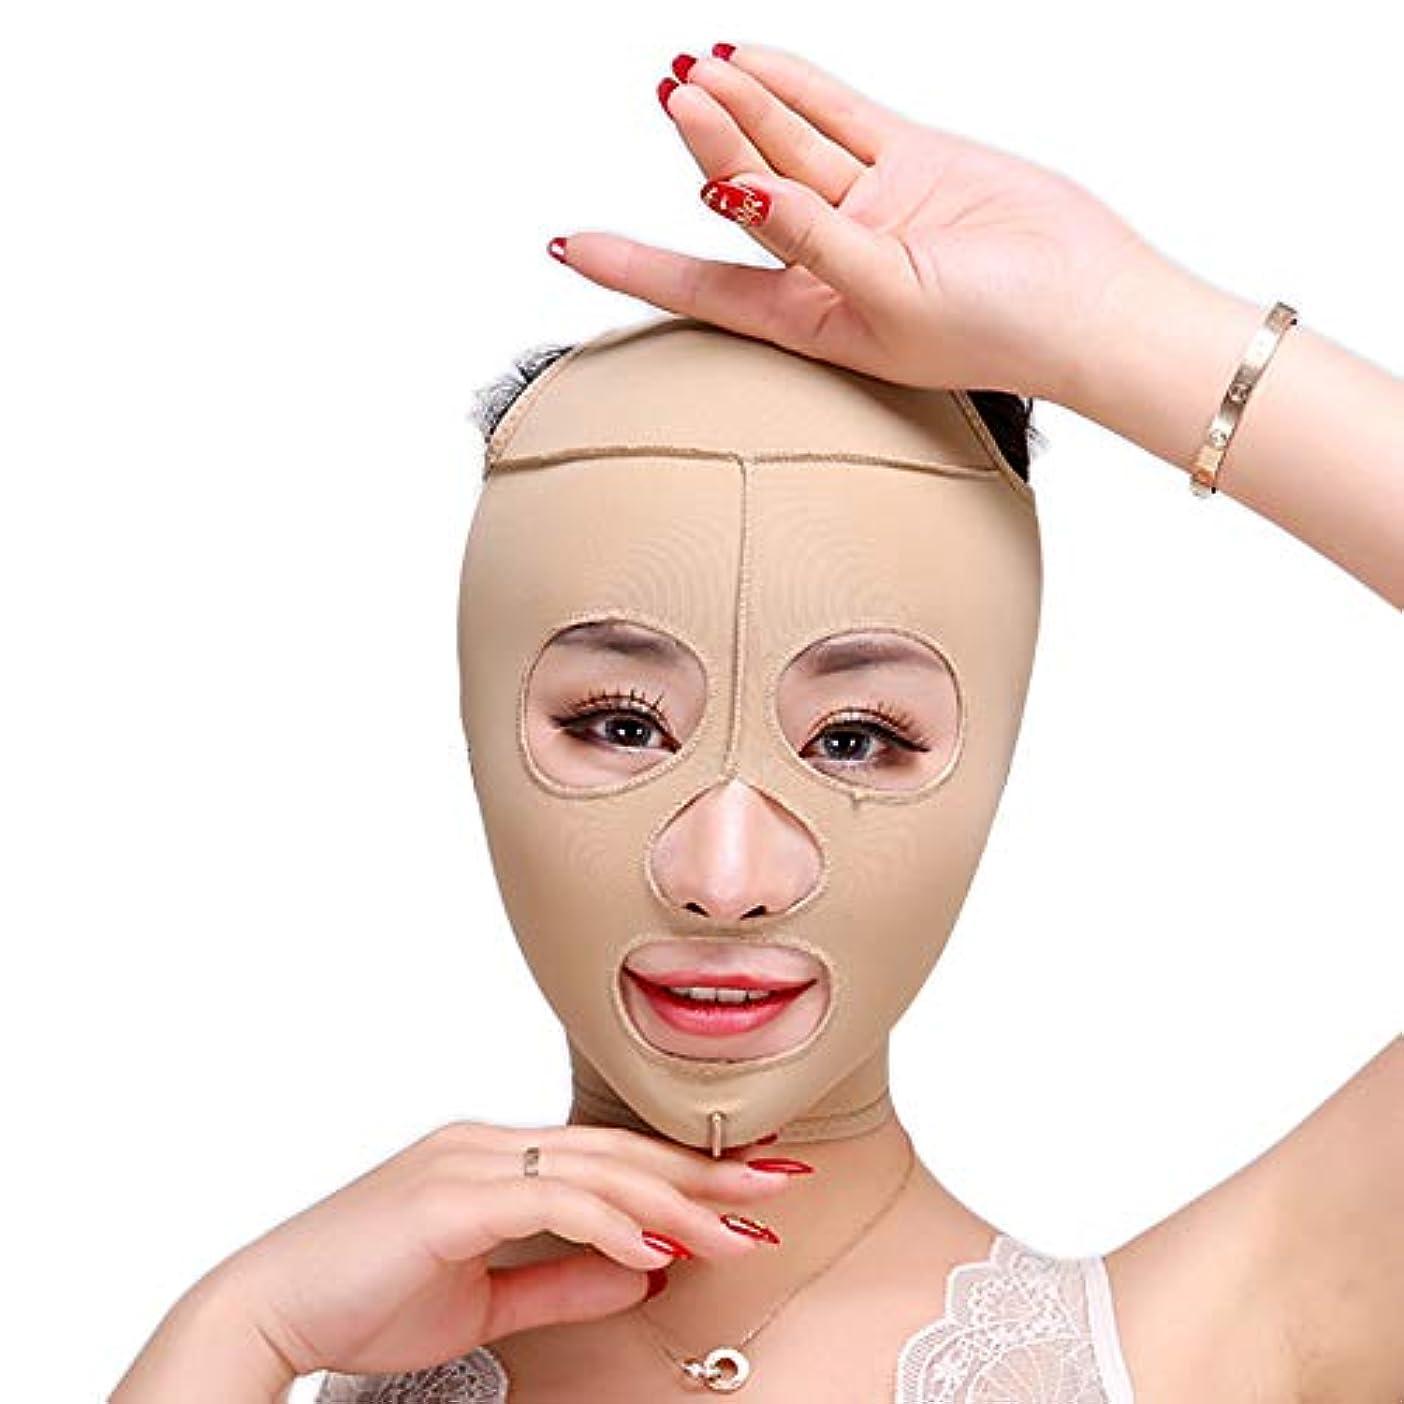 顔を細くするためのフェイスリフトフルマスク、抗シワグルーミングレジューサスキン引き締めフェイシャルケアフェイスベルト,L